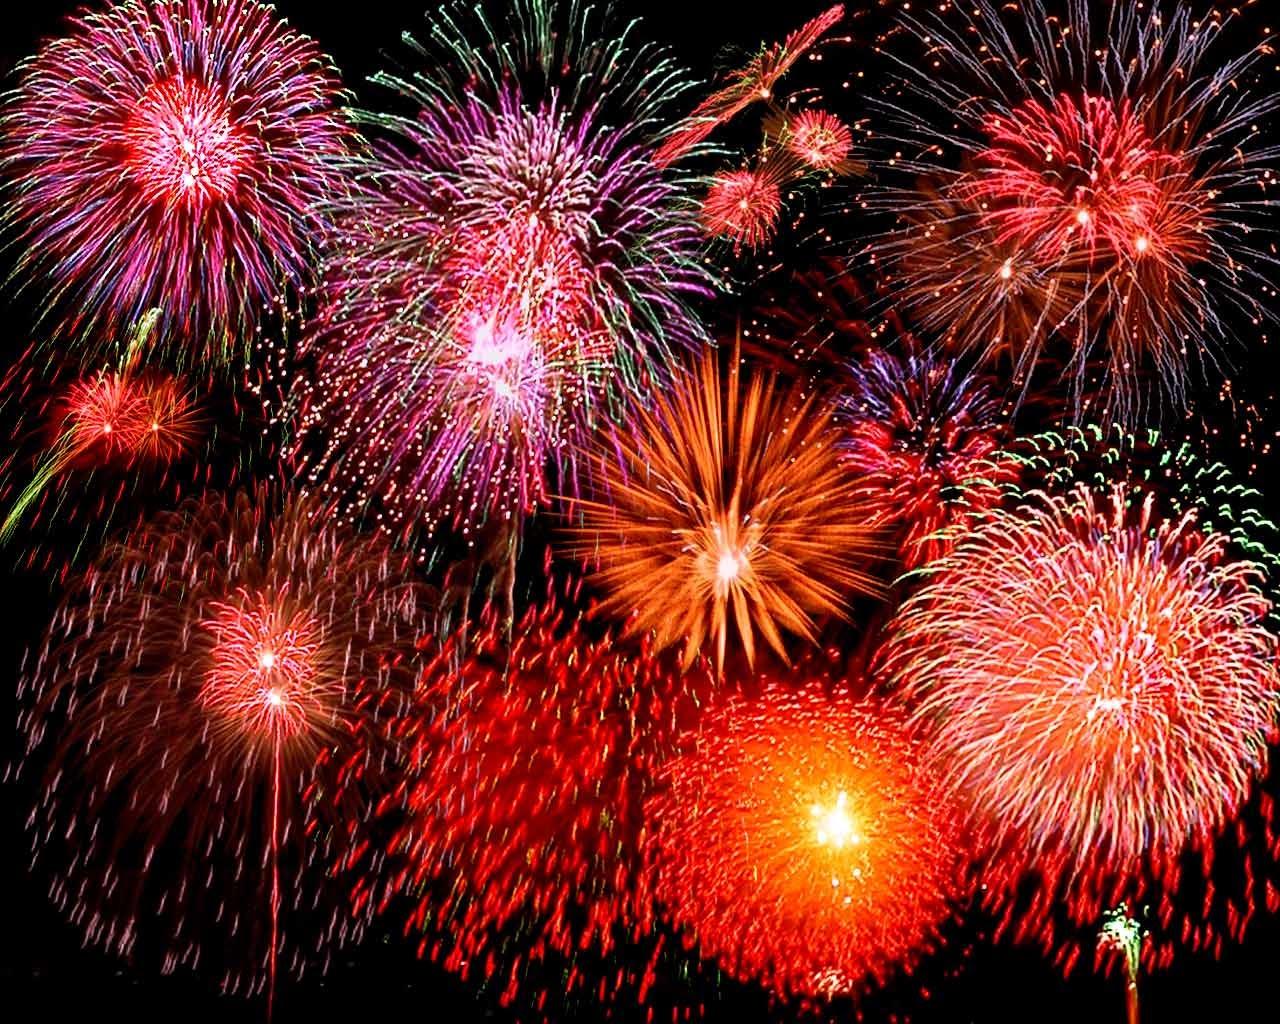 Explosão de fogos de artifício à noite, espetáculo típico também das comemorações do ano novo chinês